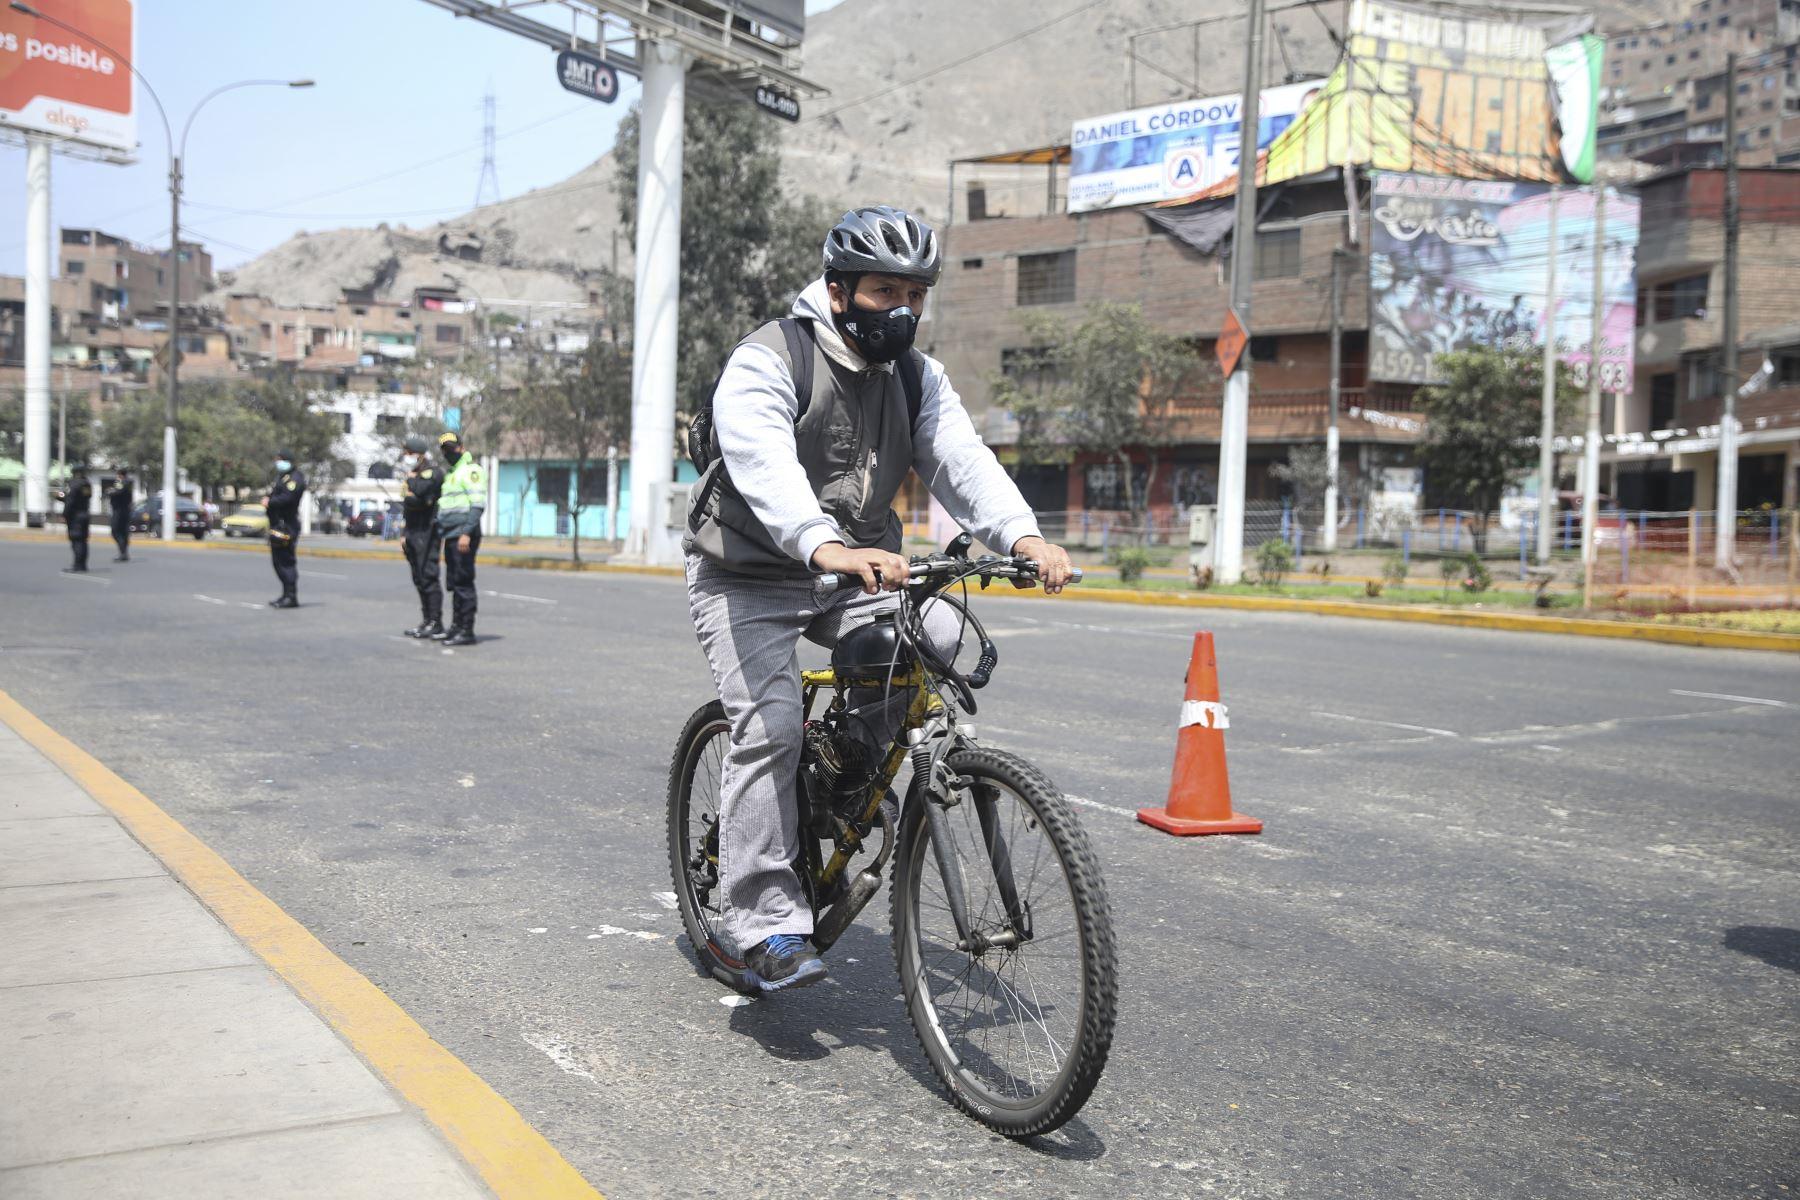 Ciudadanos se desplazan en bicicleta por San Juan de Lurigancho, este domingo tras levantamiento de inmovilización social obligatoria. Foto: ANDINA/Jhonel Rodríguez